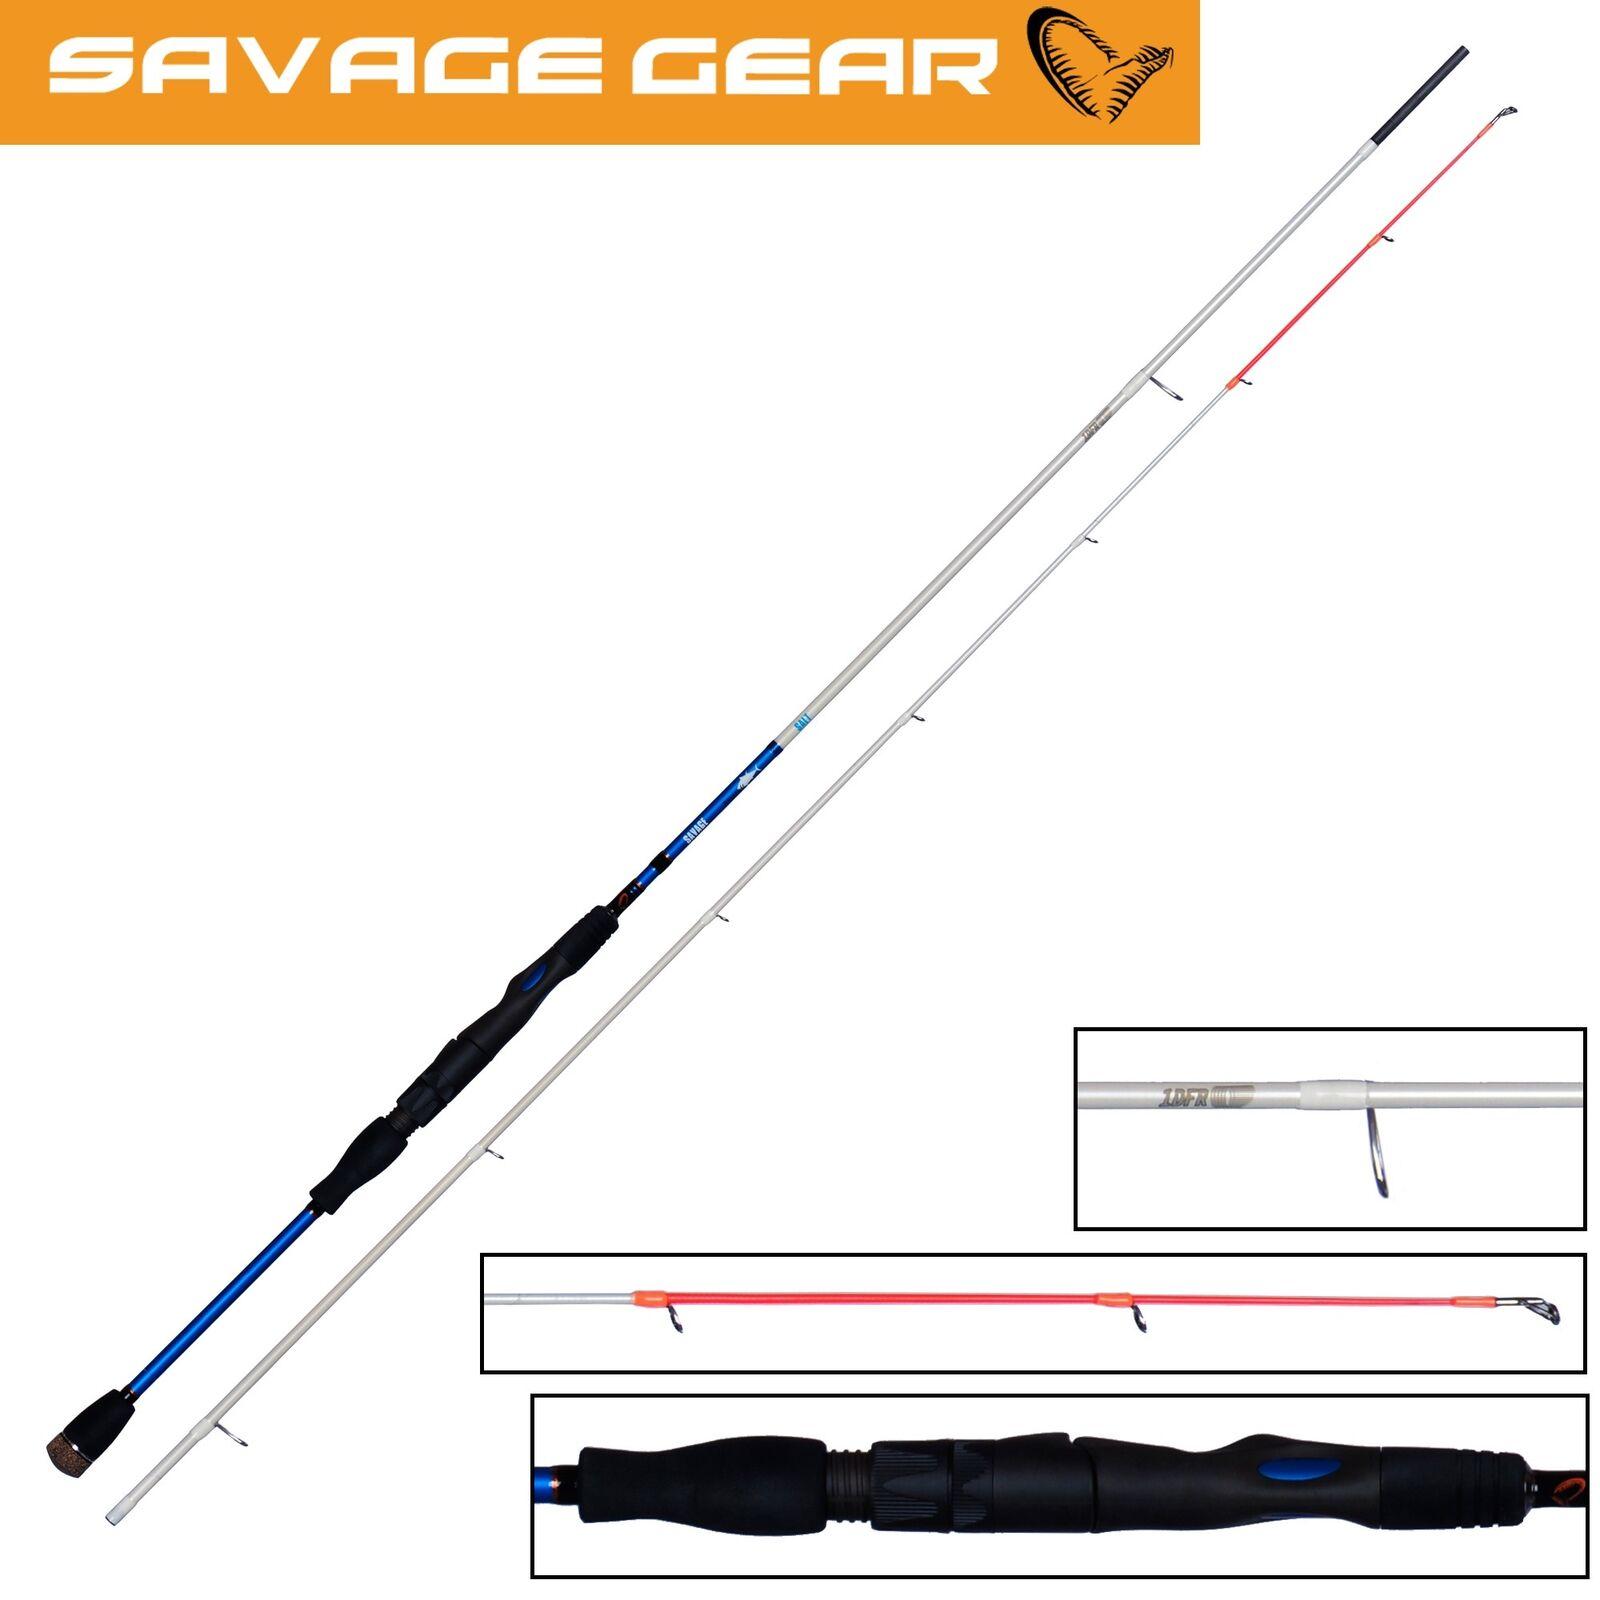 Savage Gear Salt 1DFR Ultra Light Rute 218cm 2-7g - Spinnrute zum Meeresangeln